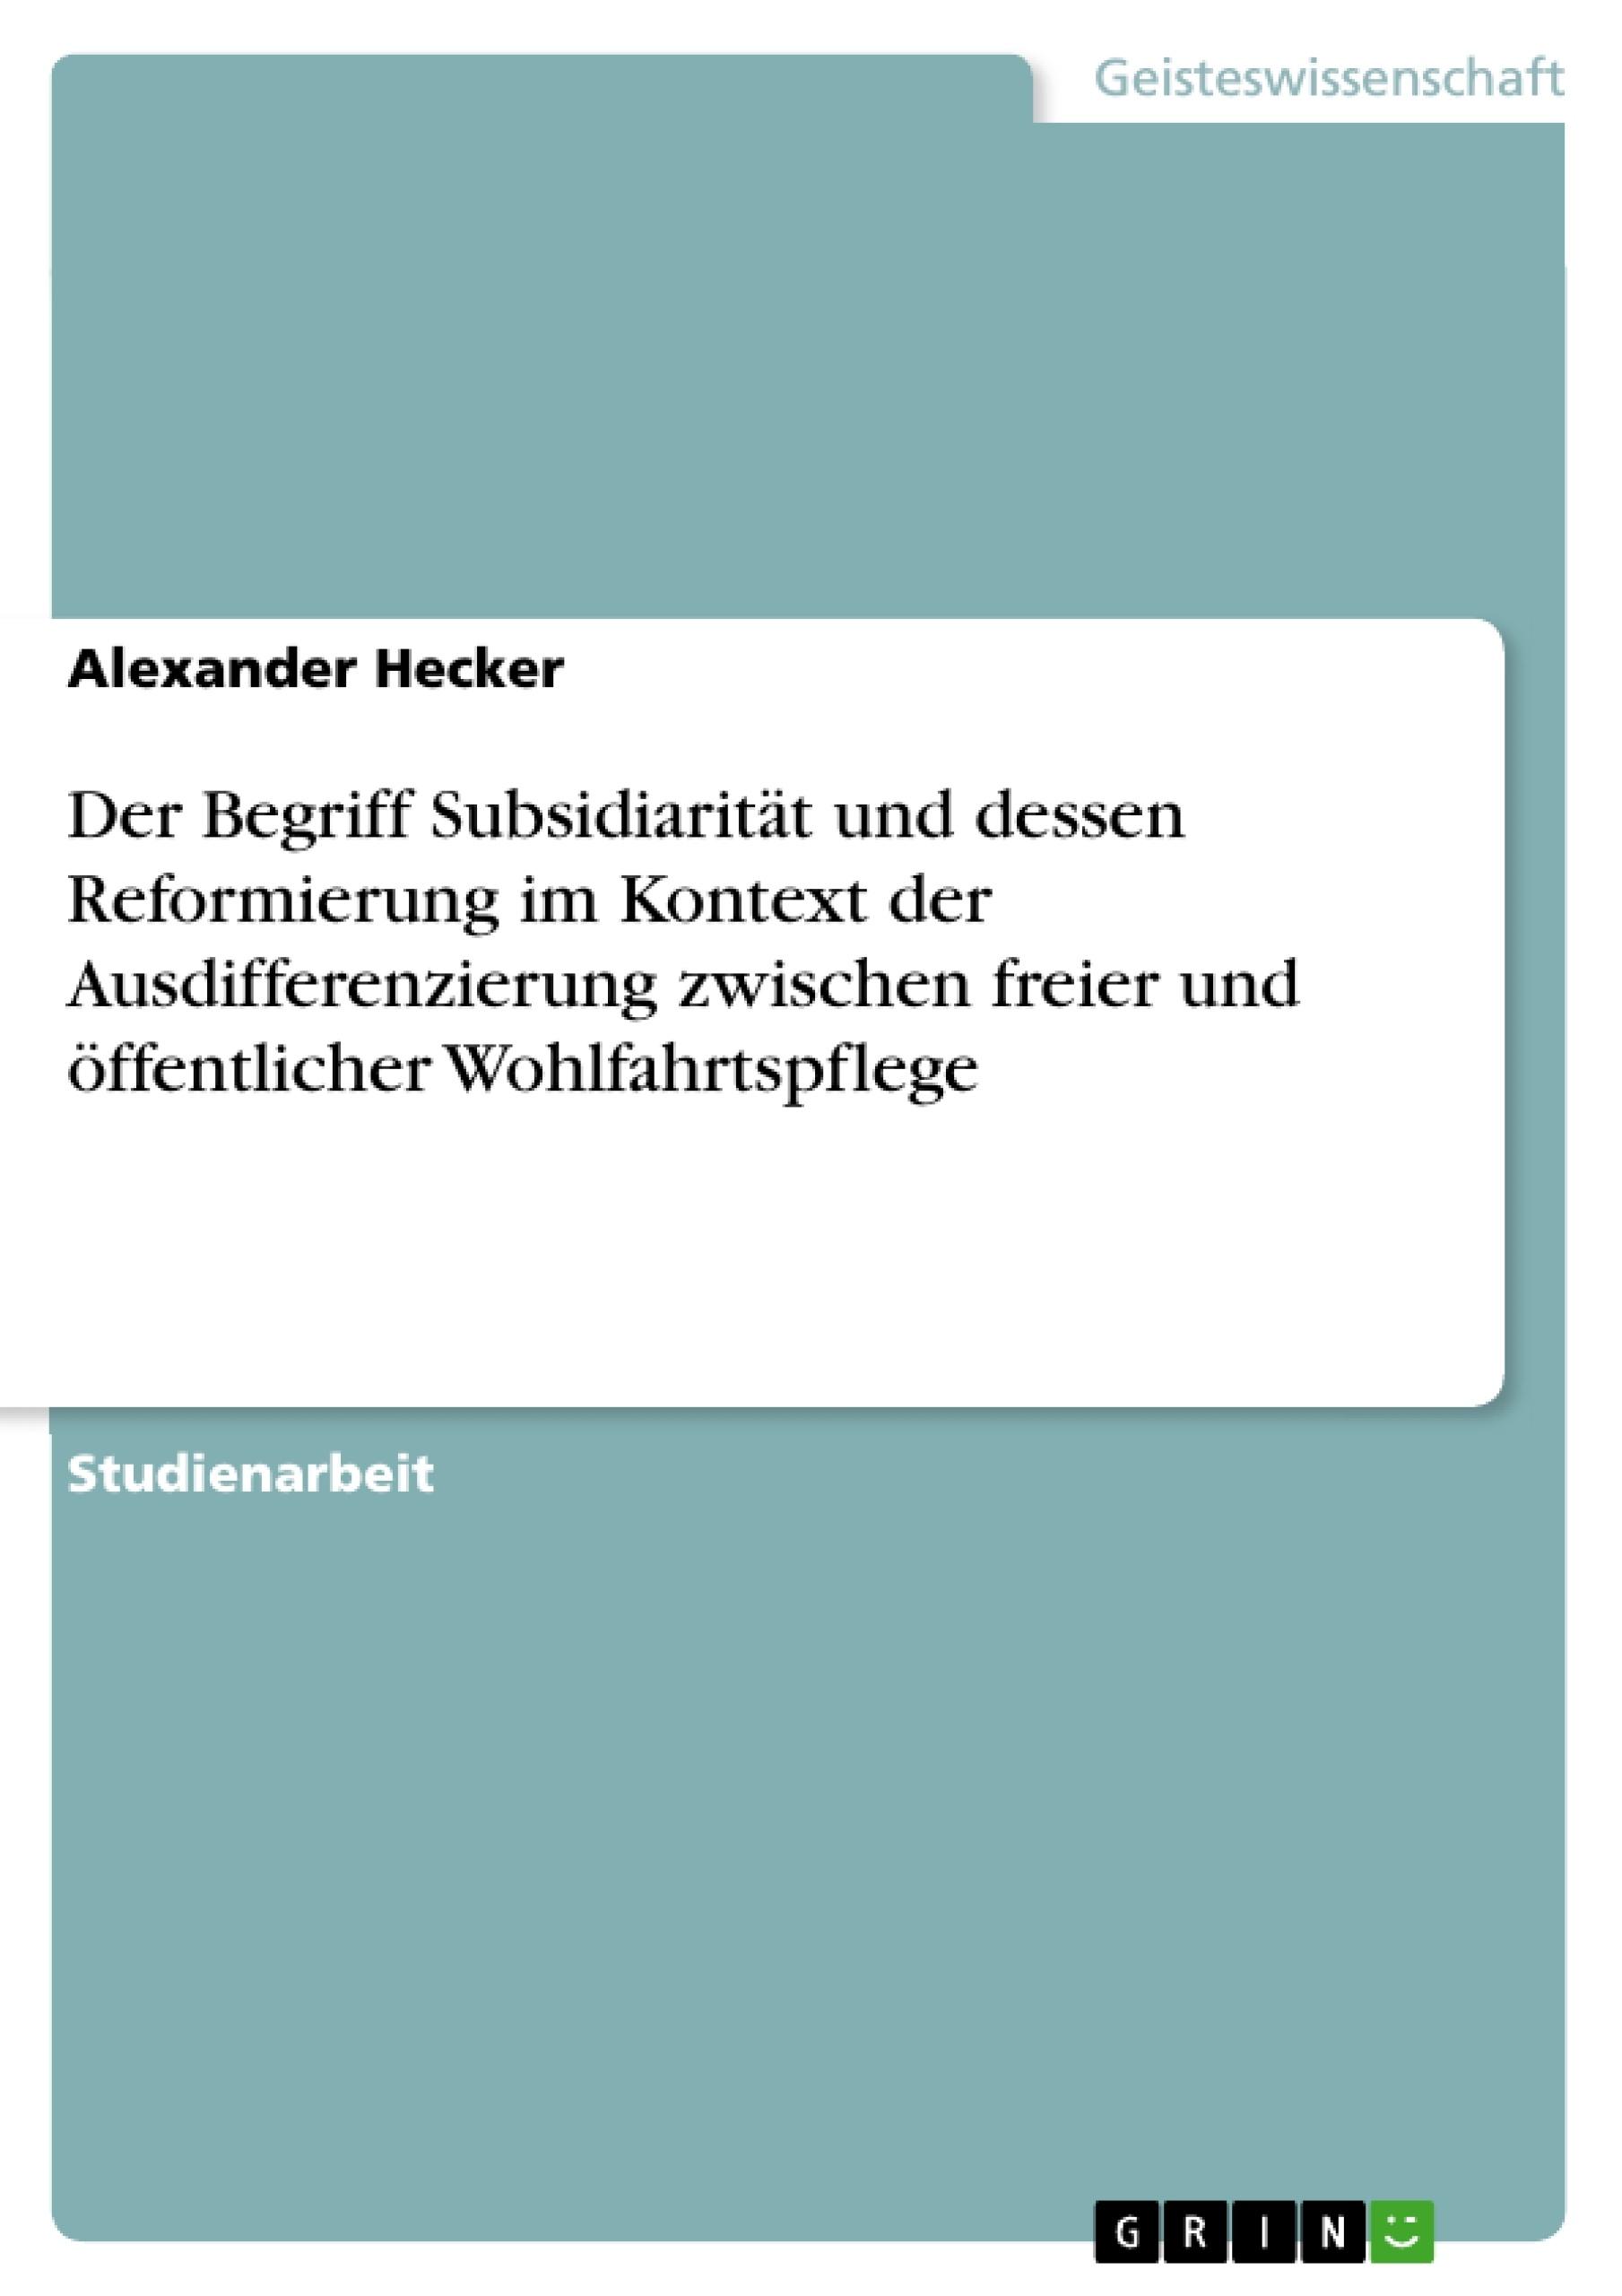 Titel: Der Begriff  Subsidiarität und dessen Reformierung im Kontext der Ausdifferenzierung zwischen freier und öffentlicher Wohlfahrtspflege